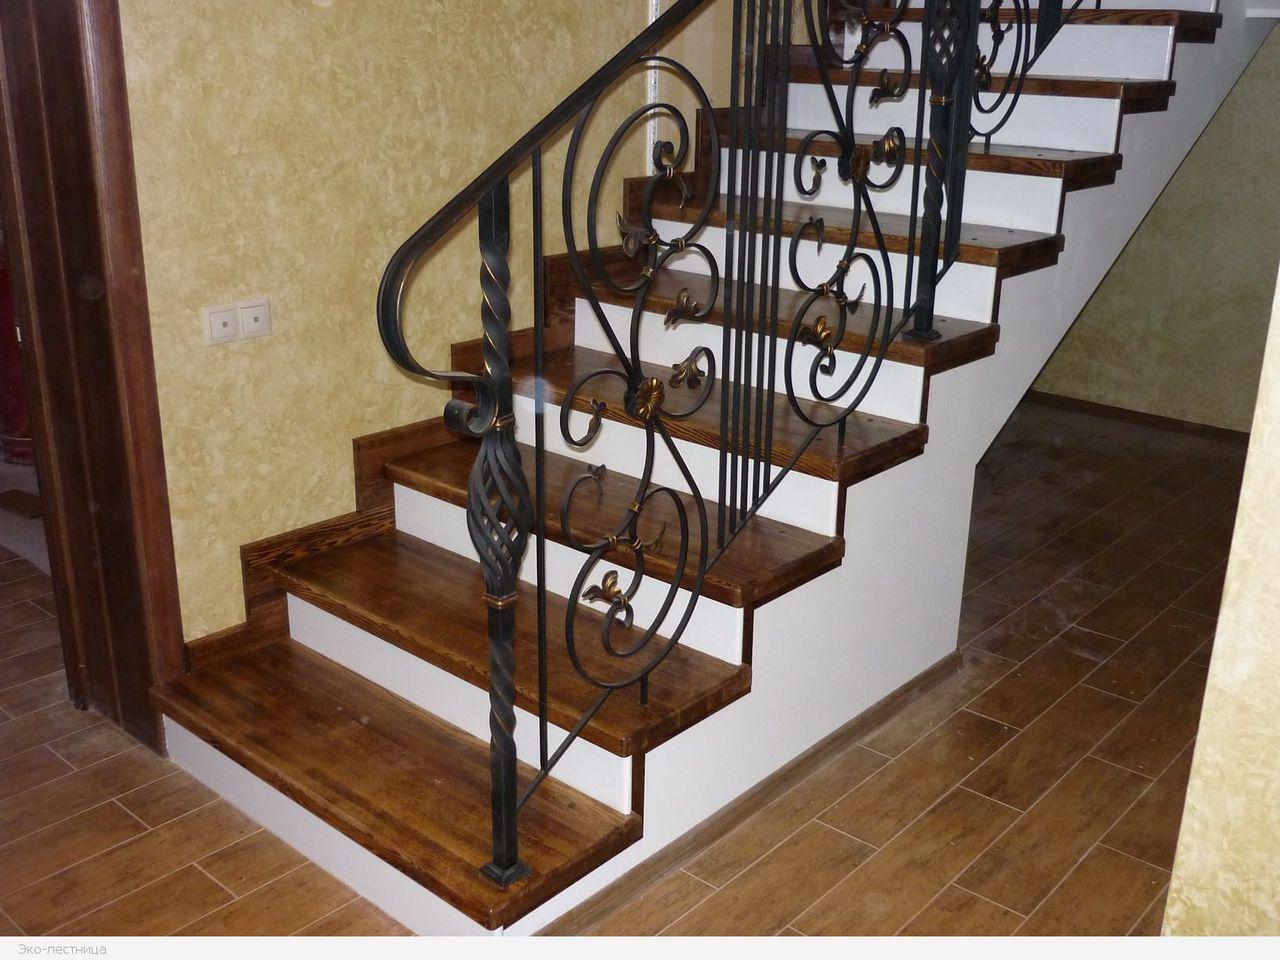 Чтобы по бетонной лестнице было безопасно ходить, ее необходимо сделать под углом от 35 до 45 градусов